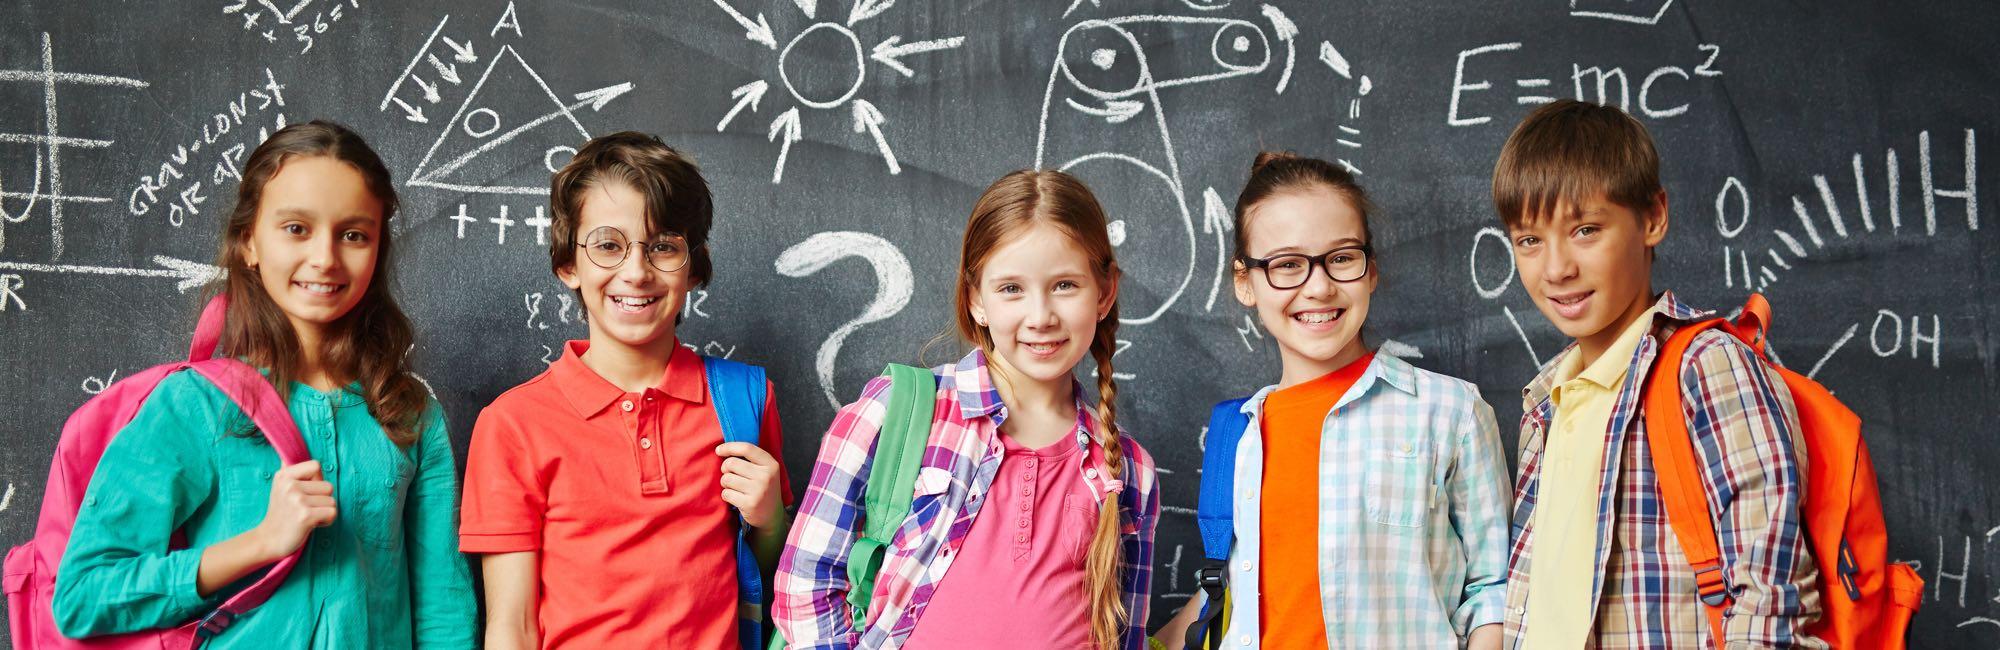 porque-escolher-uma-escola-brasileira-de-educacao-bilingue-1